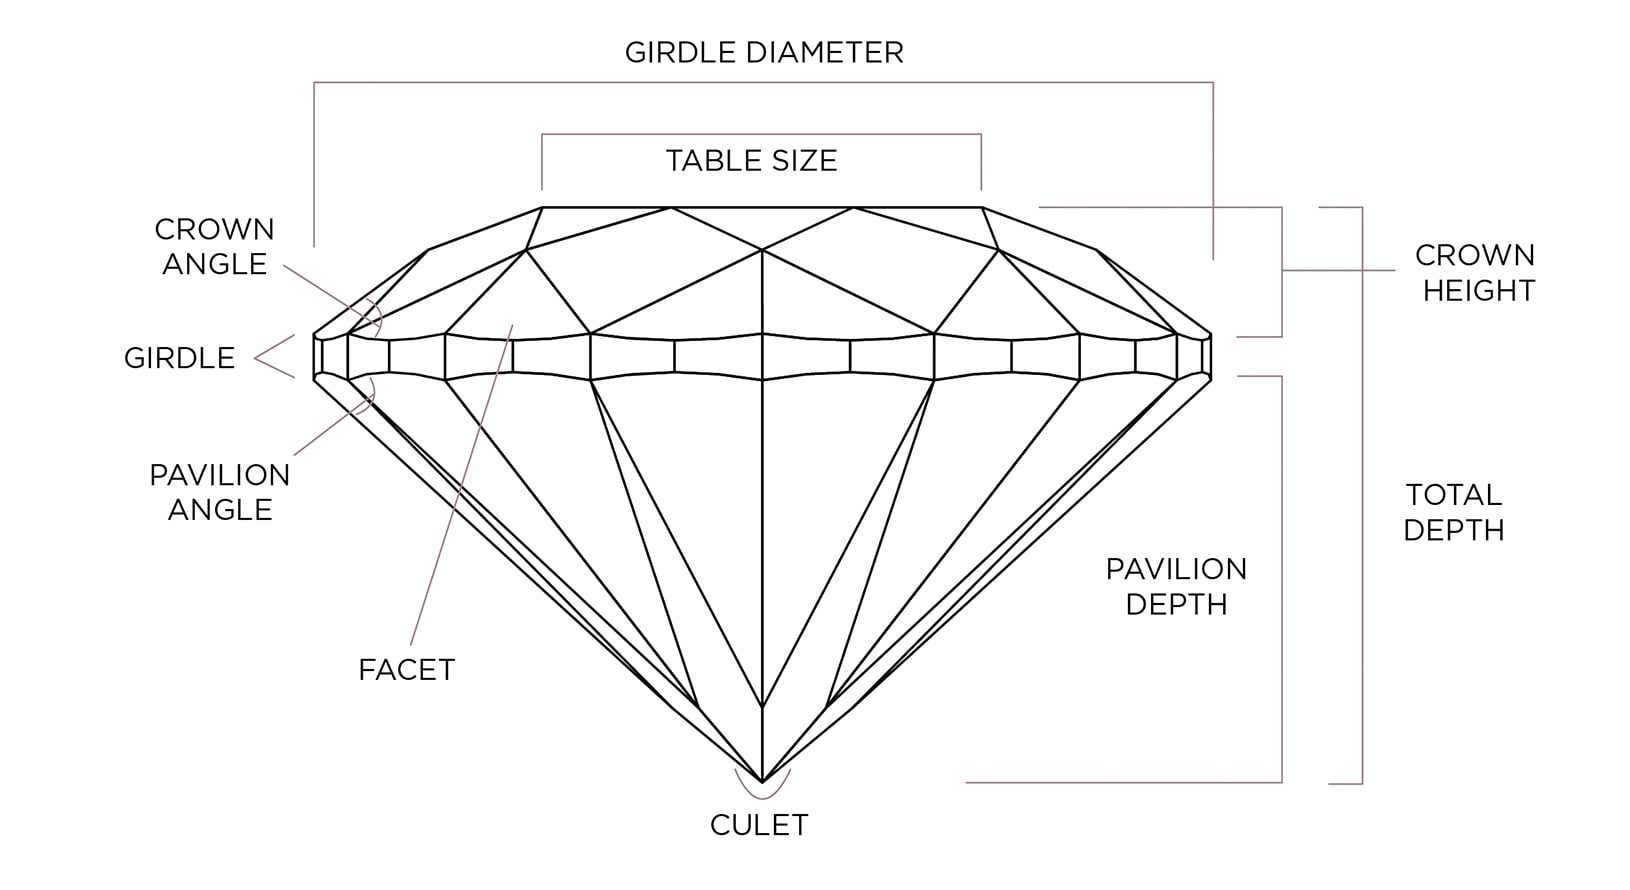 Diamond anatomy diagram